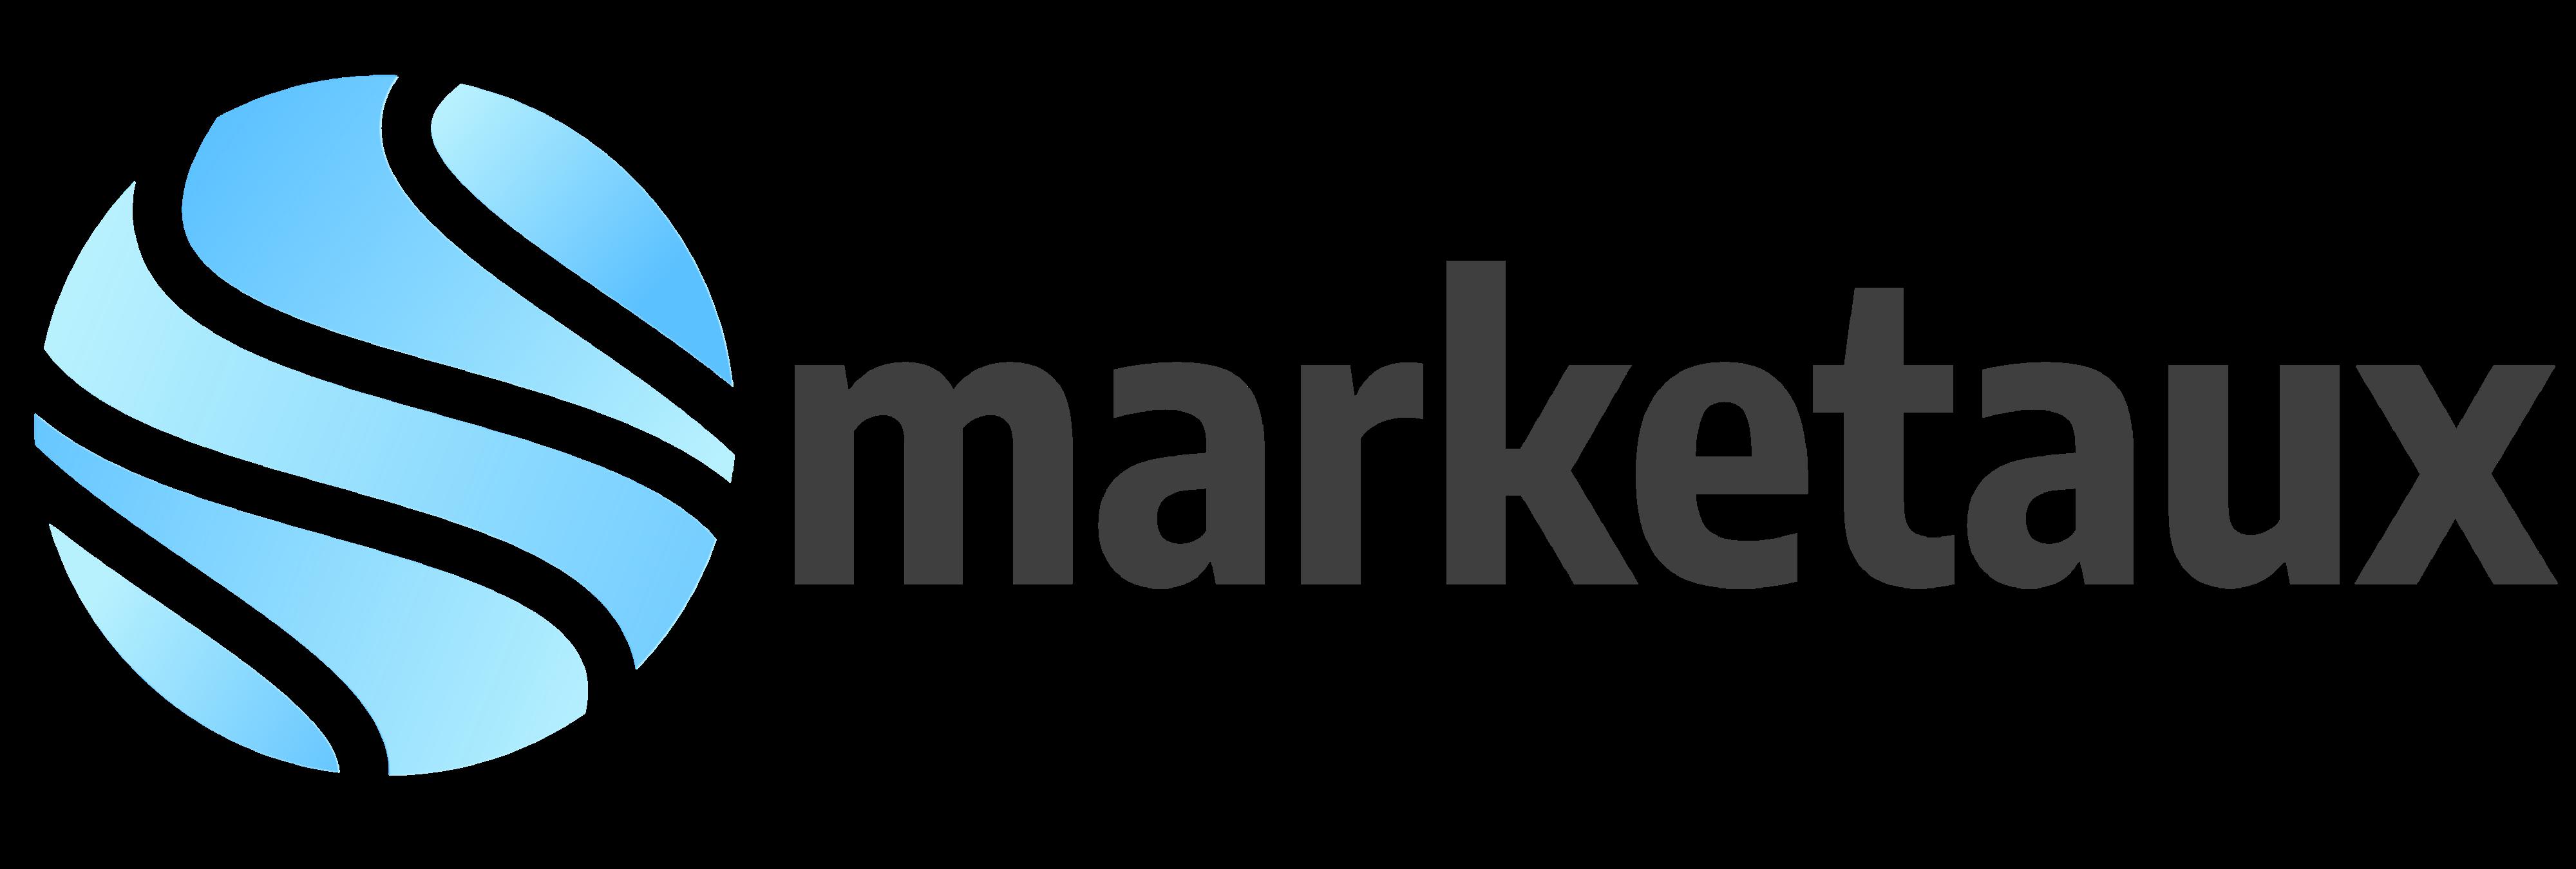 marketaux